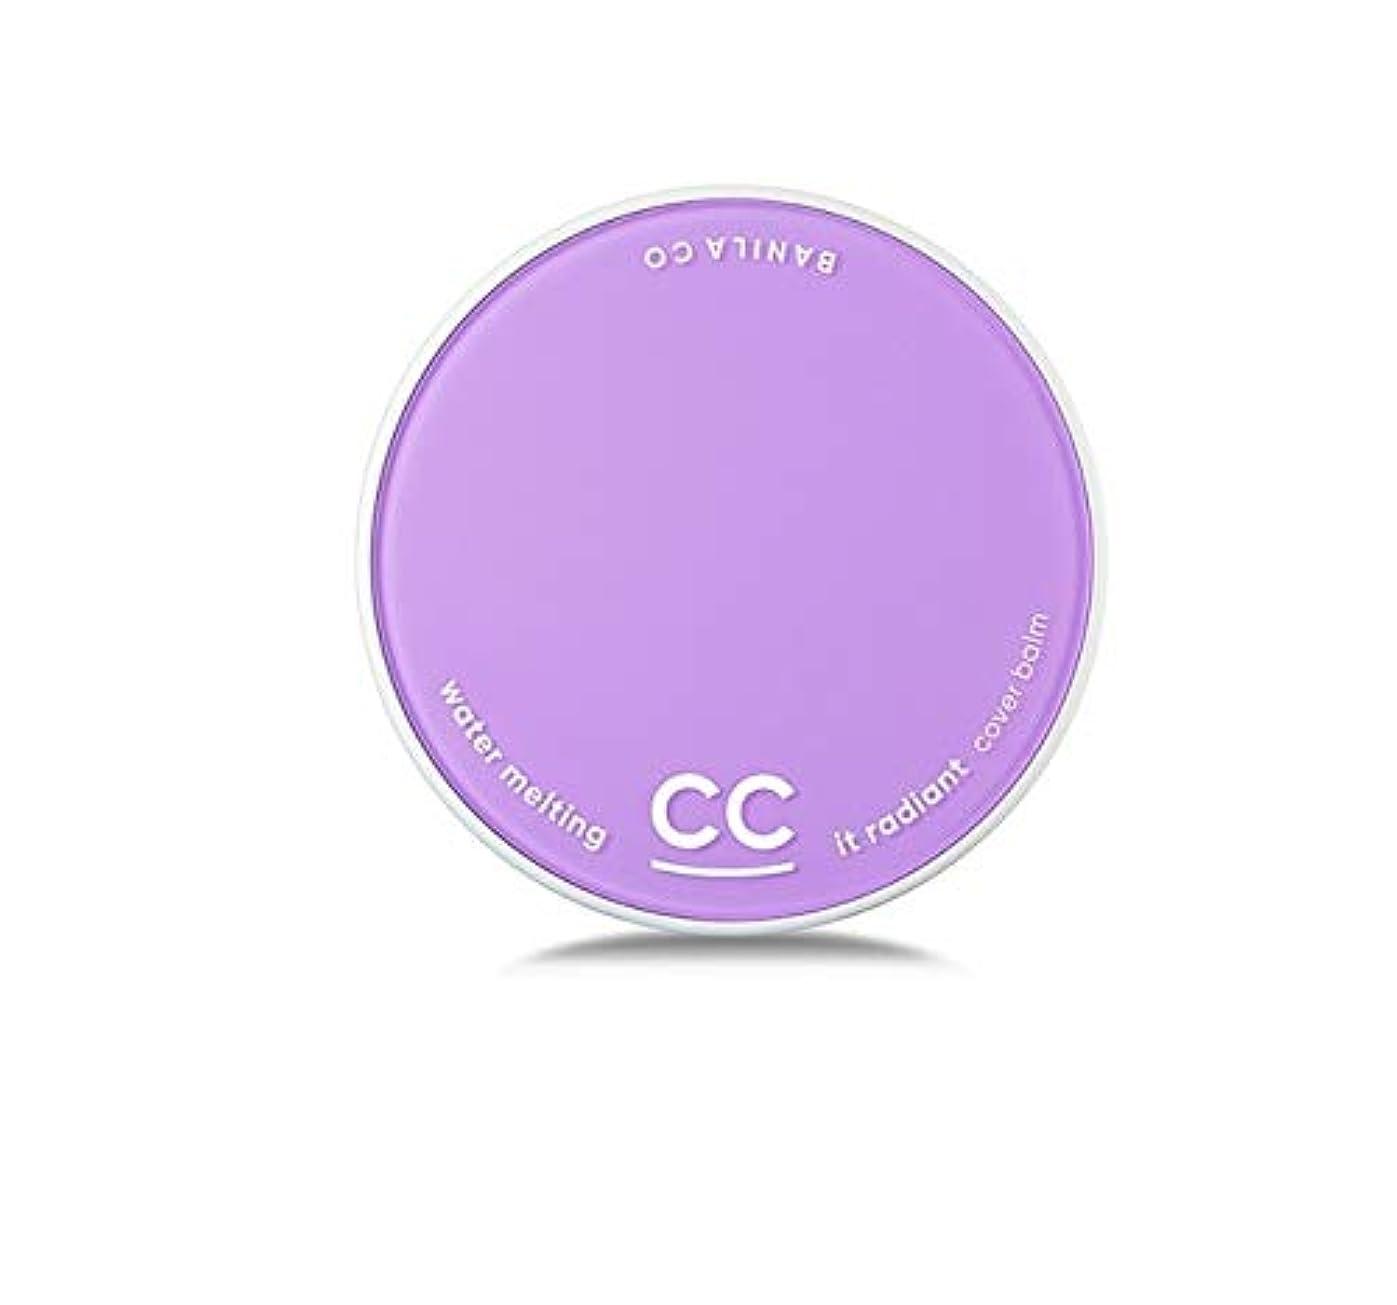 暴徒午後反発するbanilaco It Radiant CCエッセンスカバーバーム/It Radiant CC Essence Cover Balm 15g # natural beige [並行輸入品]